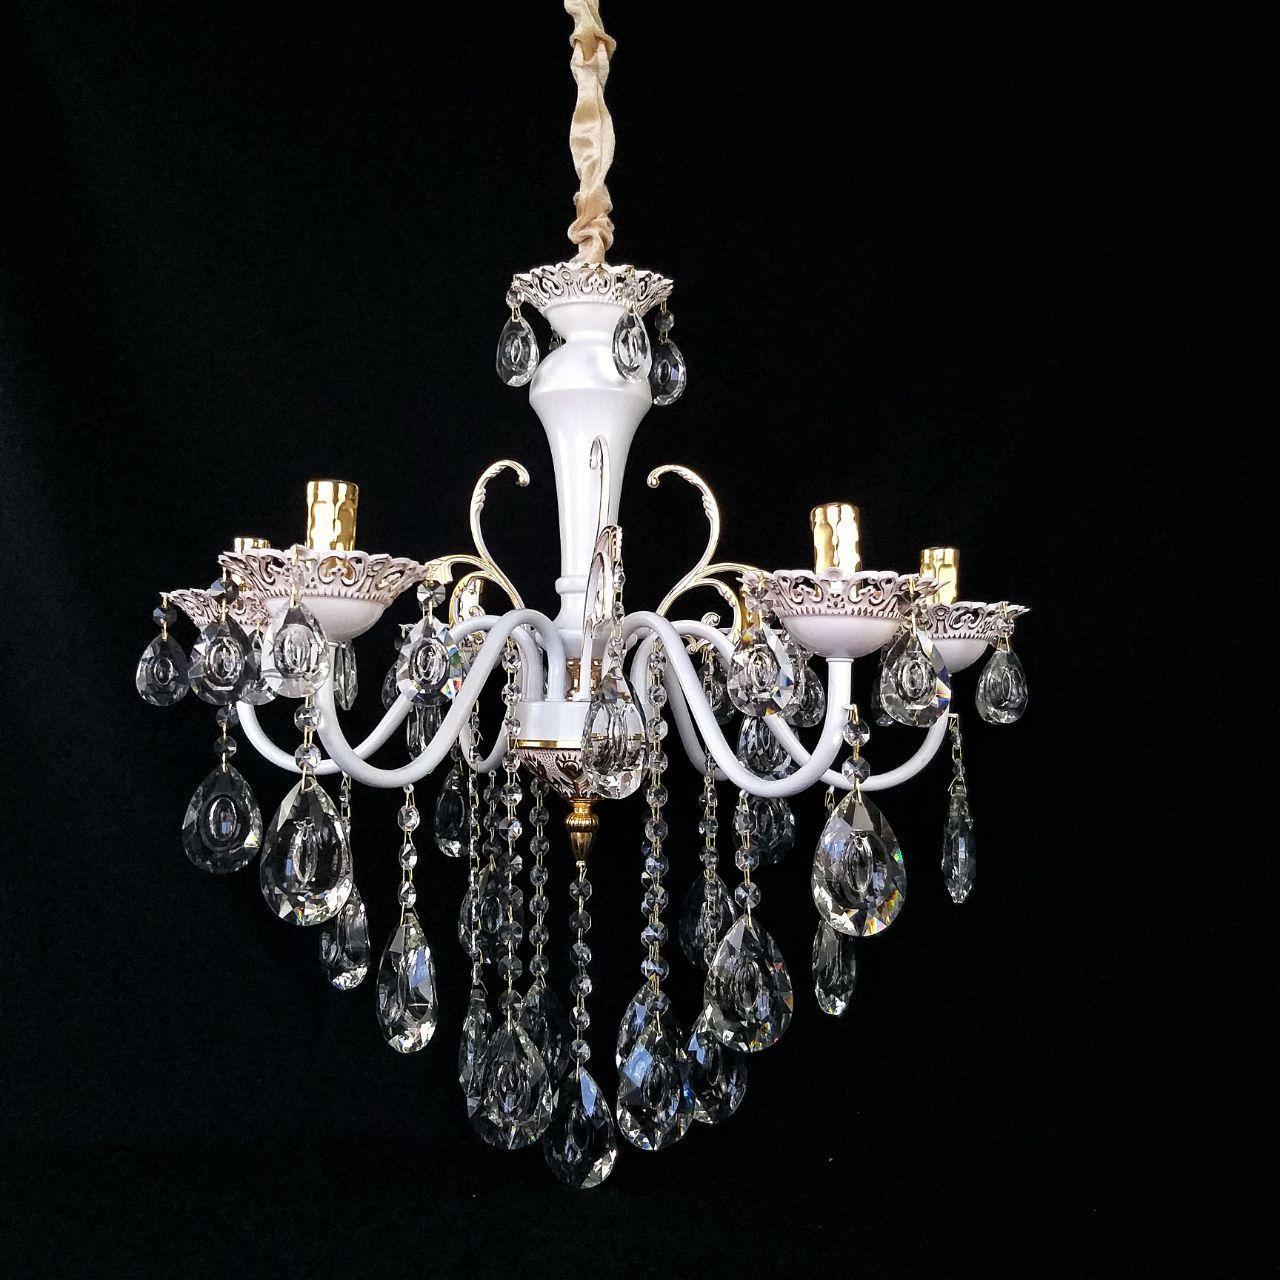 Люстра хрустальная  на 6 рожков белая с золотом JB-29101/6 GD+WT+WT